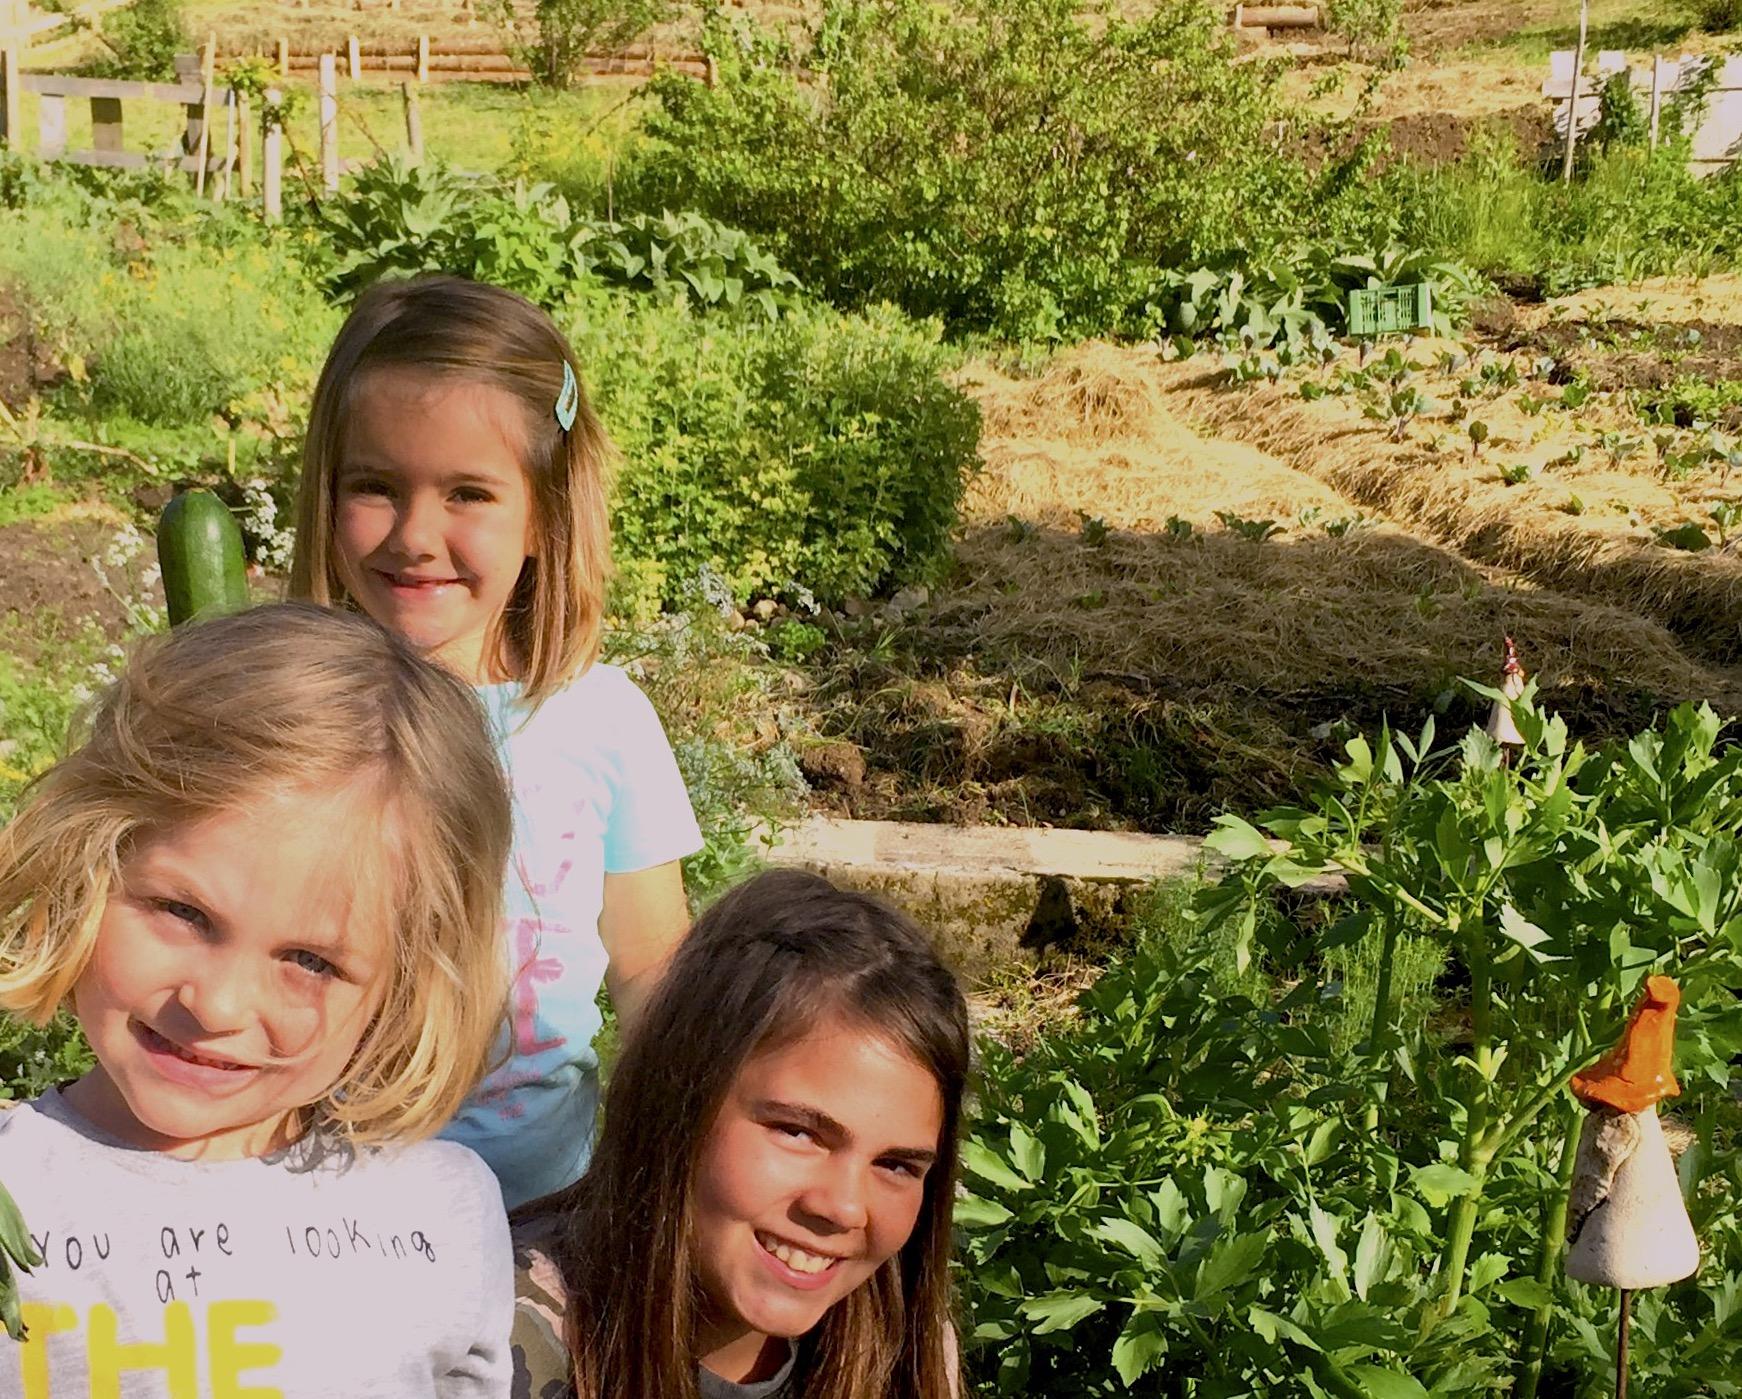 Besonders Kinder haben viel Spaß bei der Gartenarbeit - hier auf dem Garten Eden Permakulturhof in Hittisau - und begreifen von Grund auf dass unser Essen nicht im Regal der Supermärkte wächst